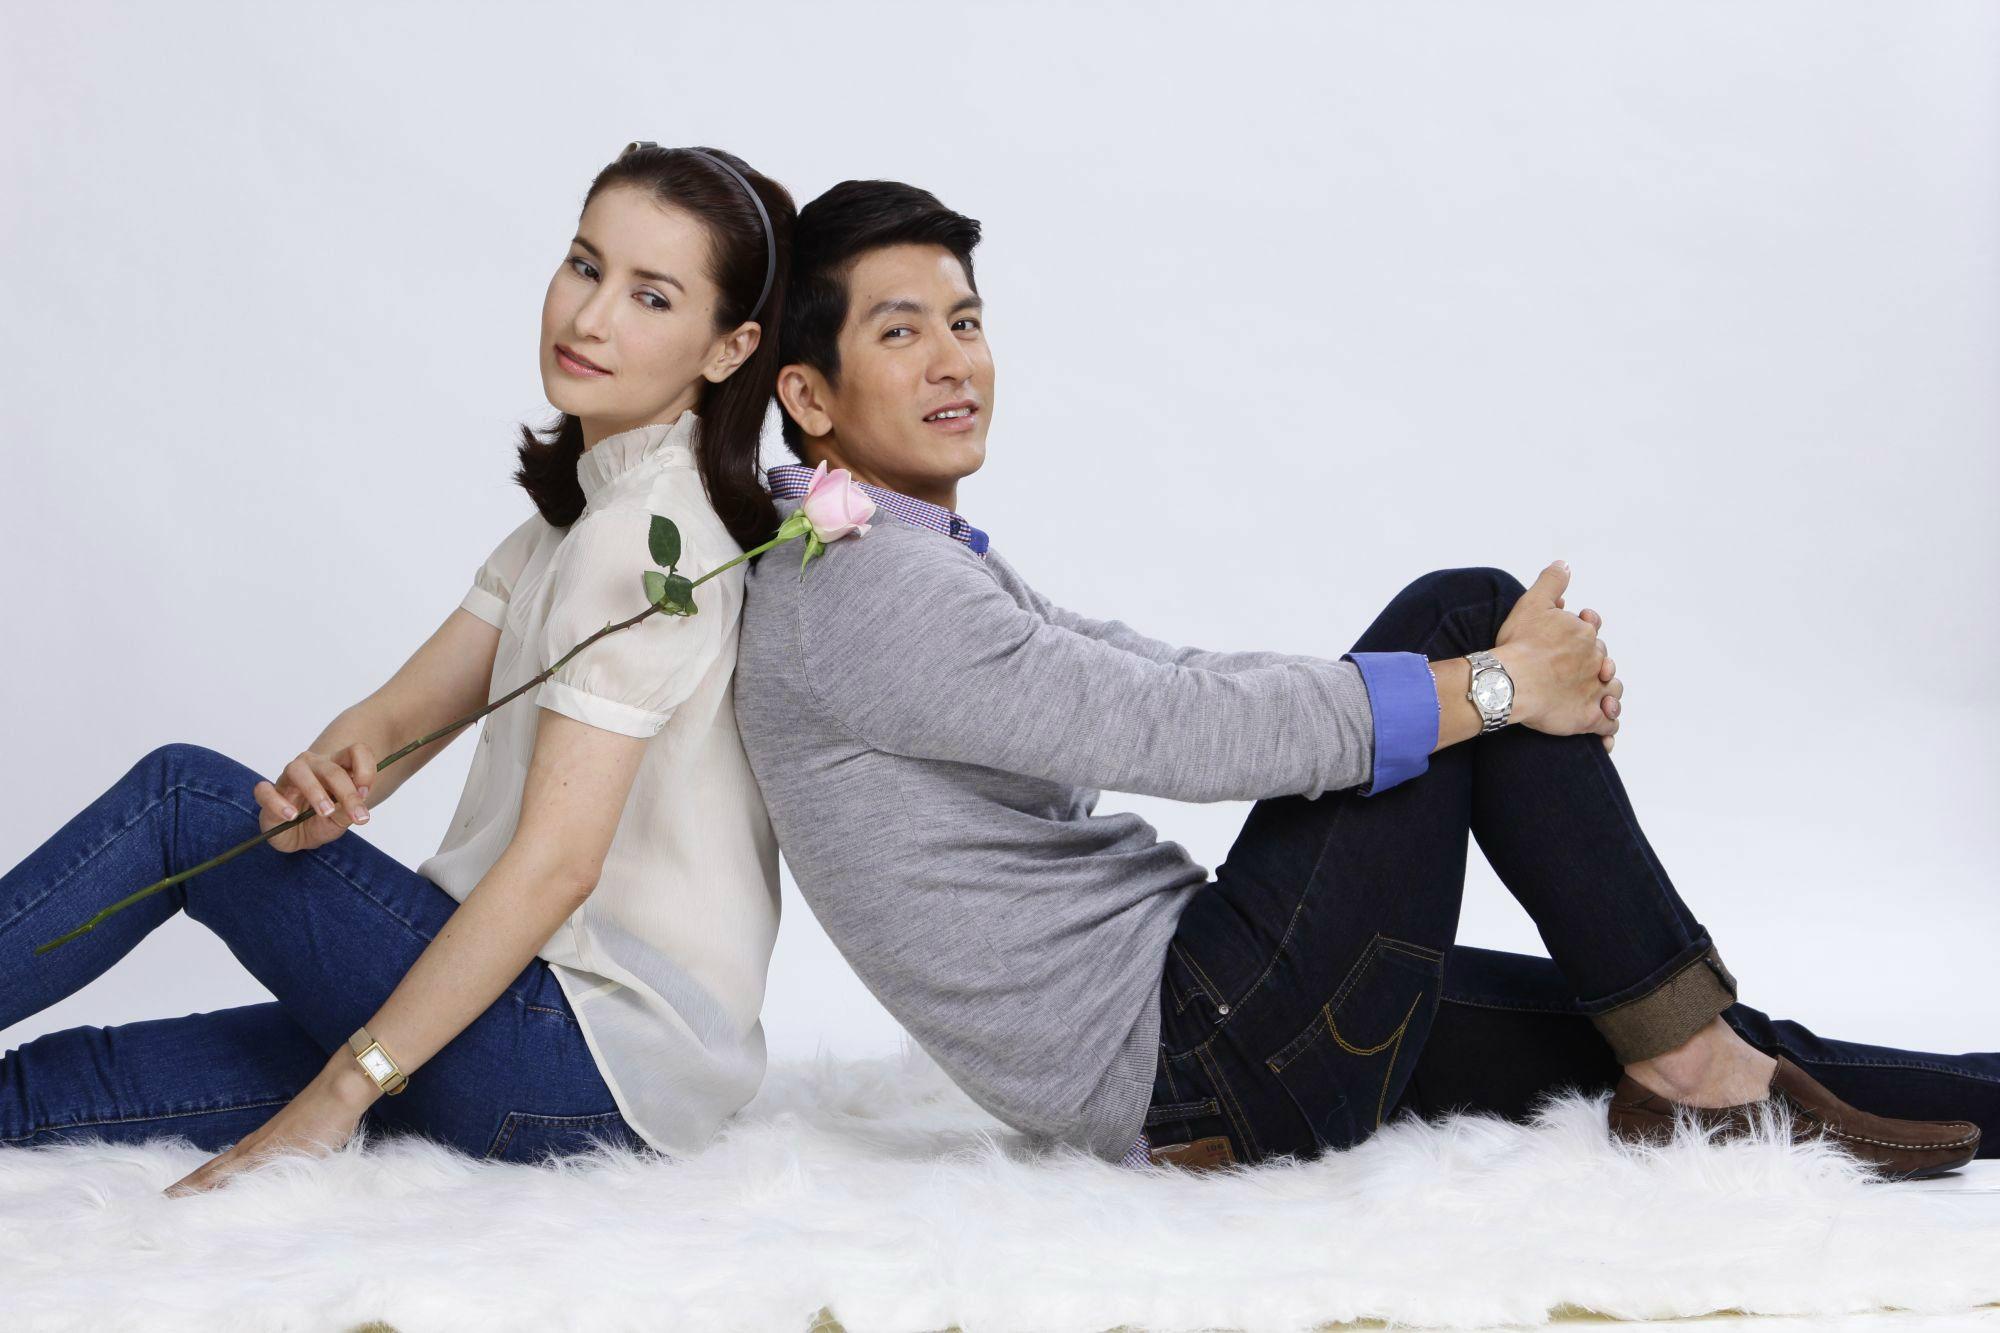 Đừng Quên Em: Anne Thongprasom bỏ rơi mỹ nam chạy theo đại gia (3)